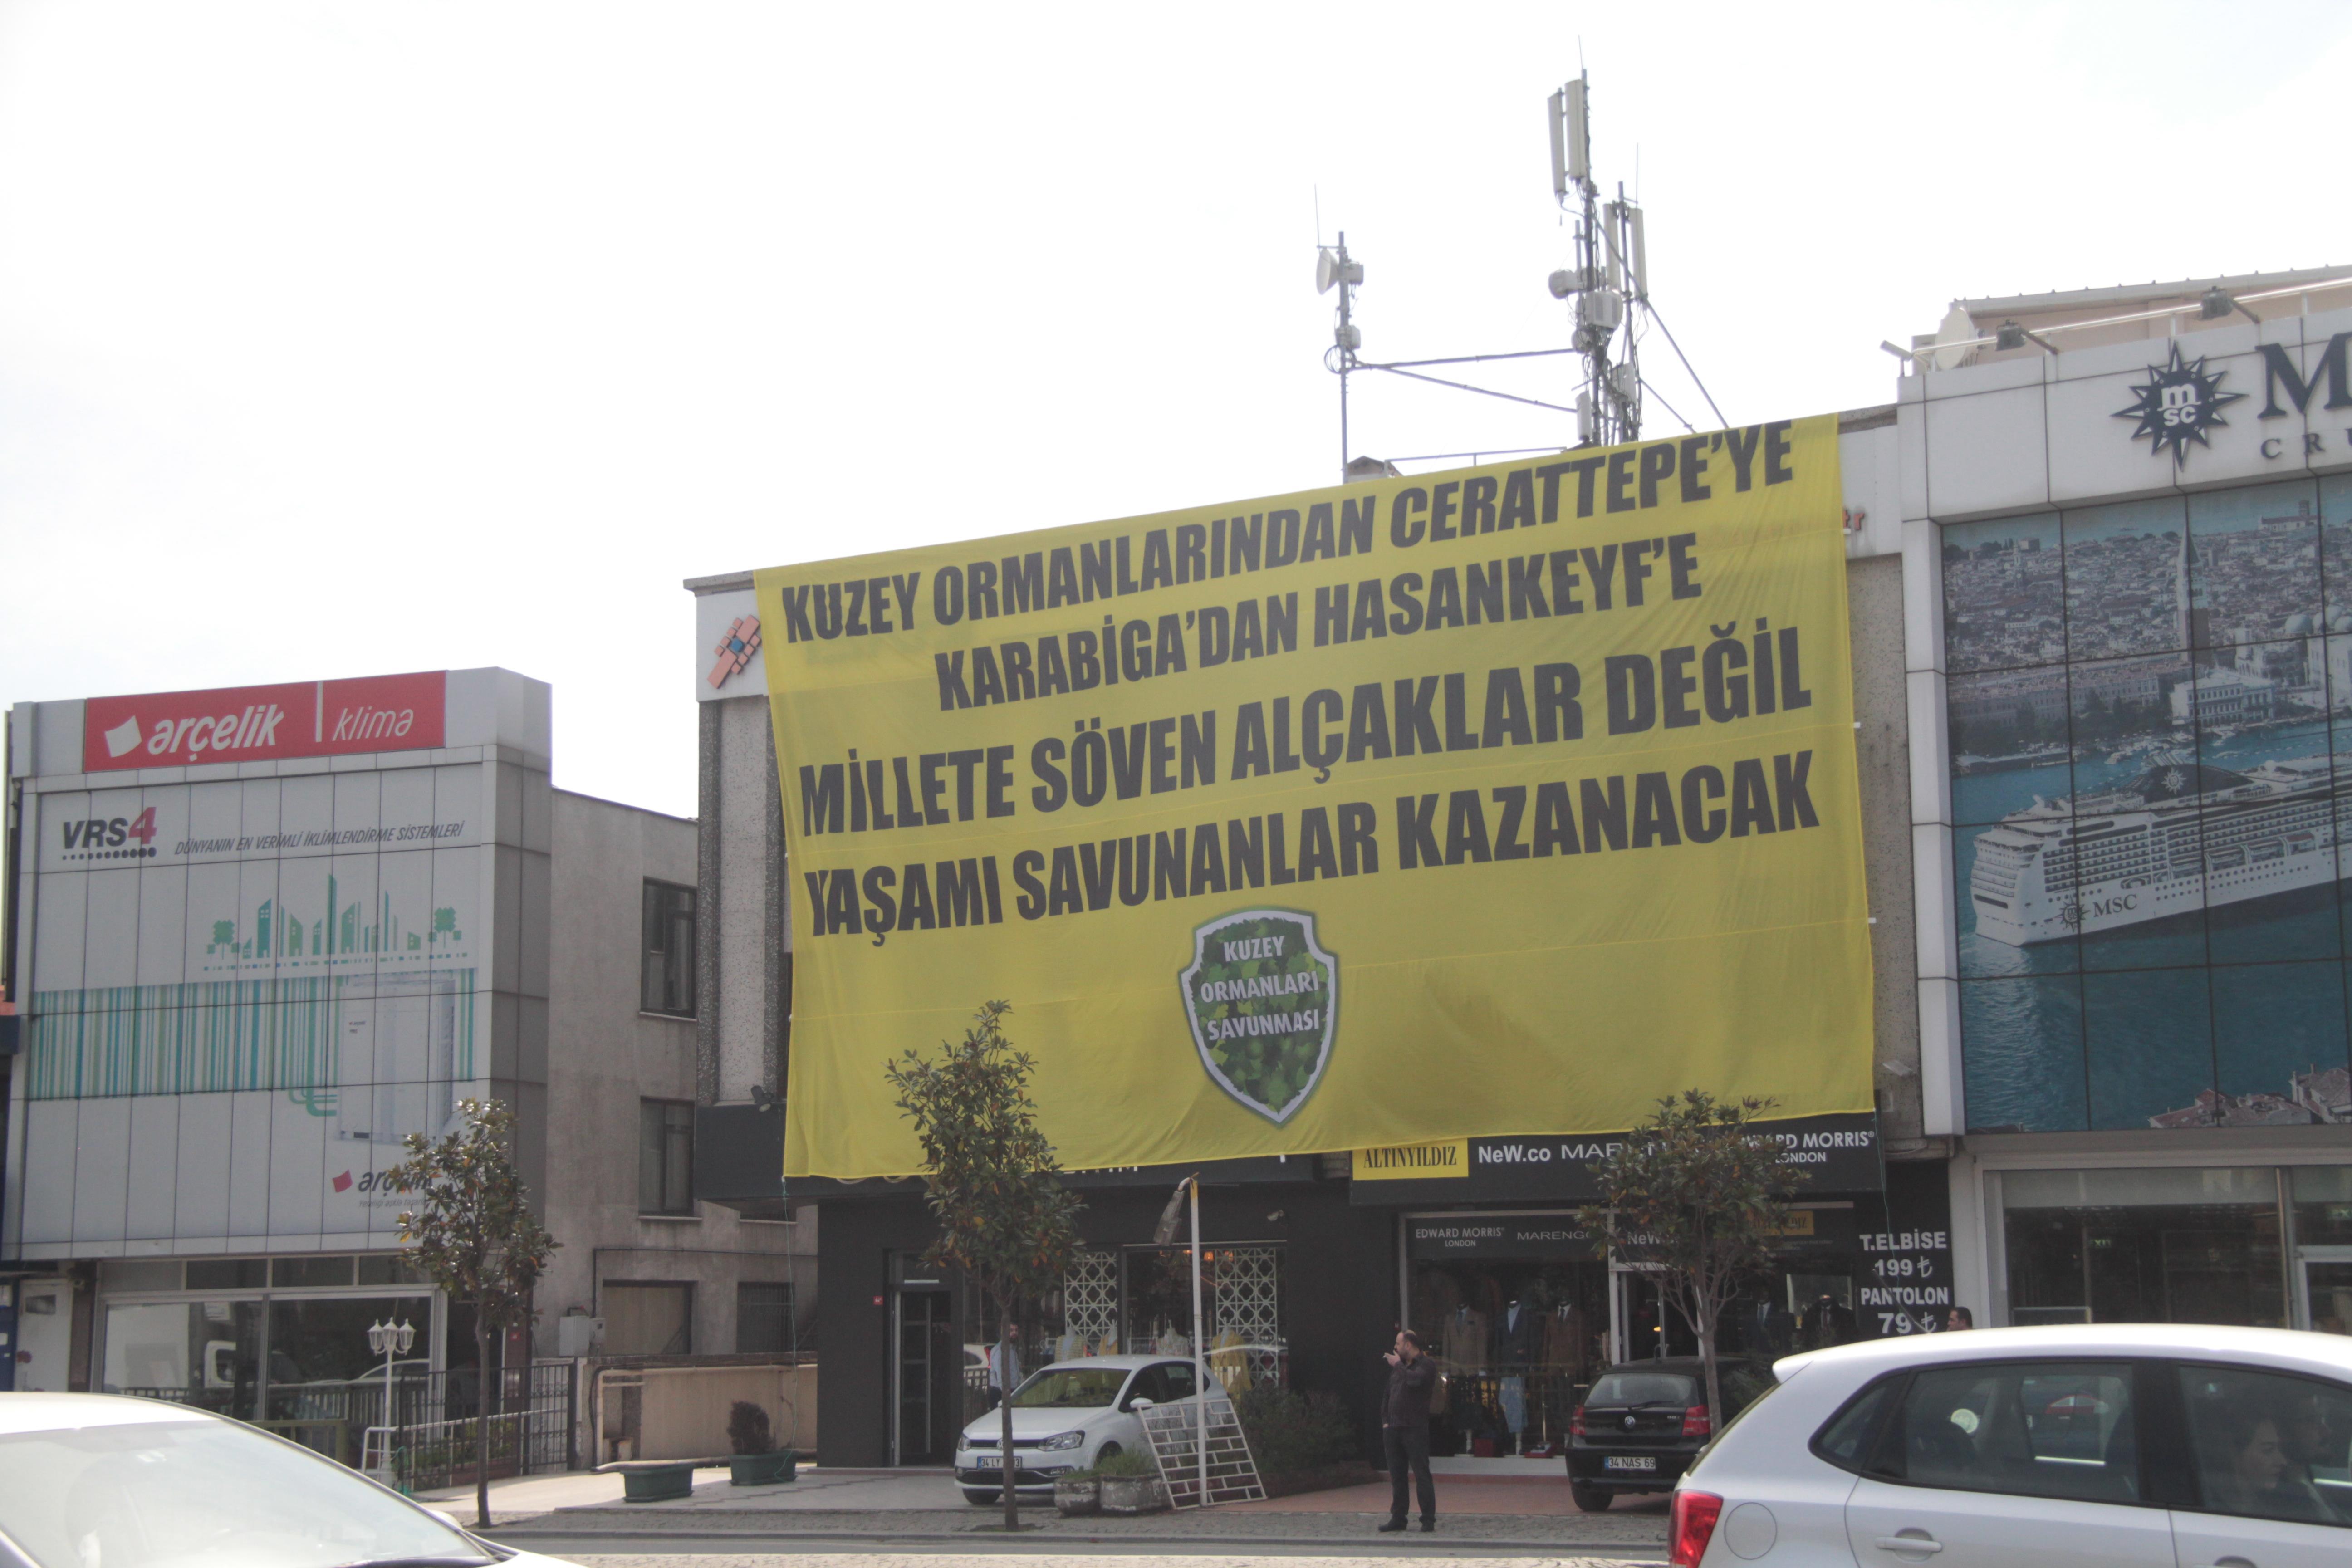 KOS'tan Cengiz'e dev pankartlı mesaj: Kuzey Ormanları'ndan Cerattepe'ye yaşamı savunanlar kazanacak!